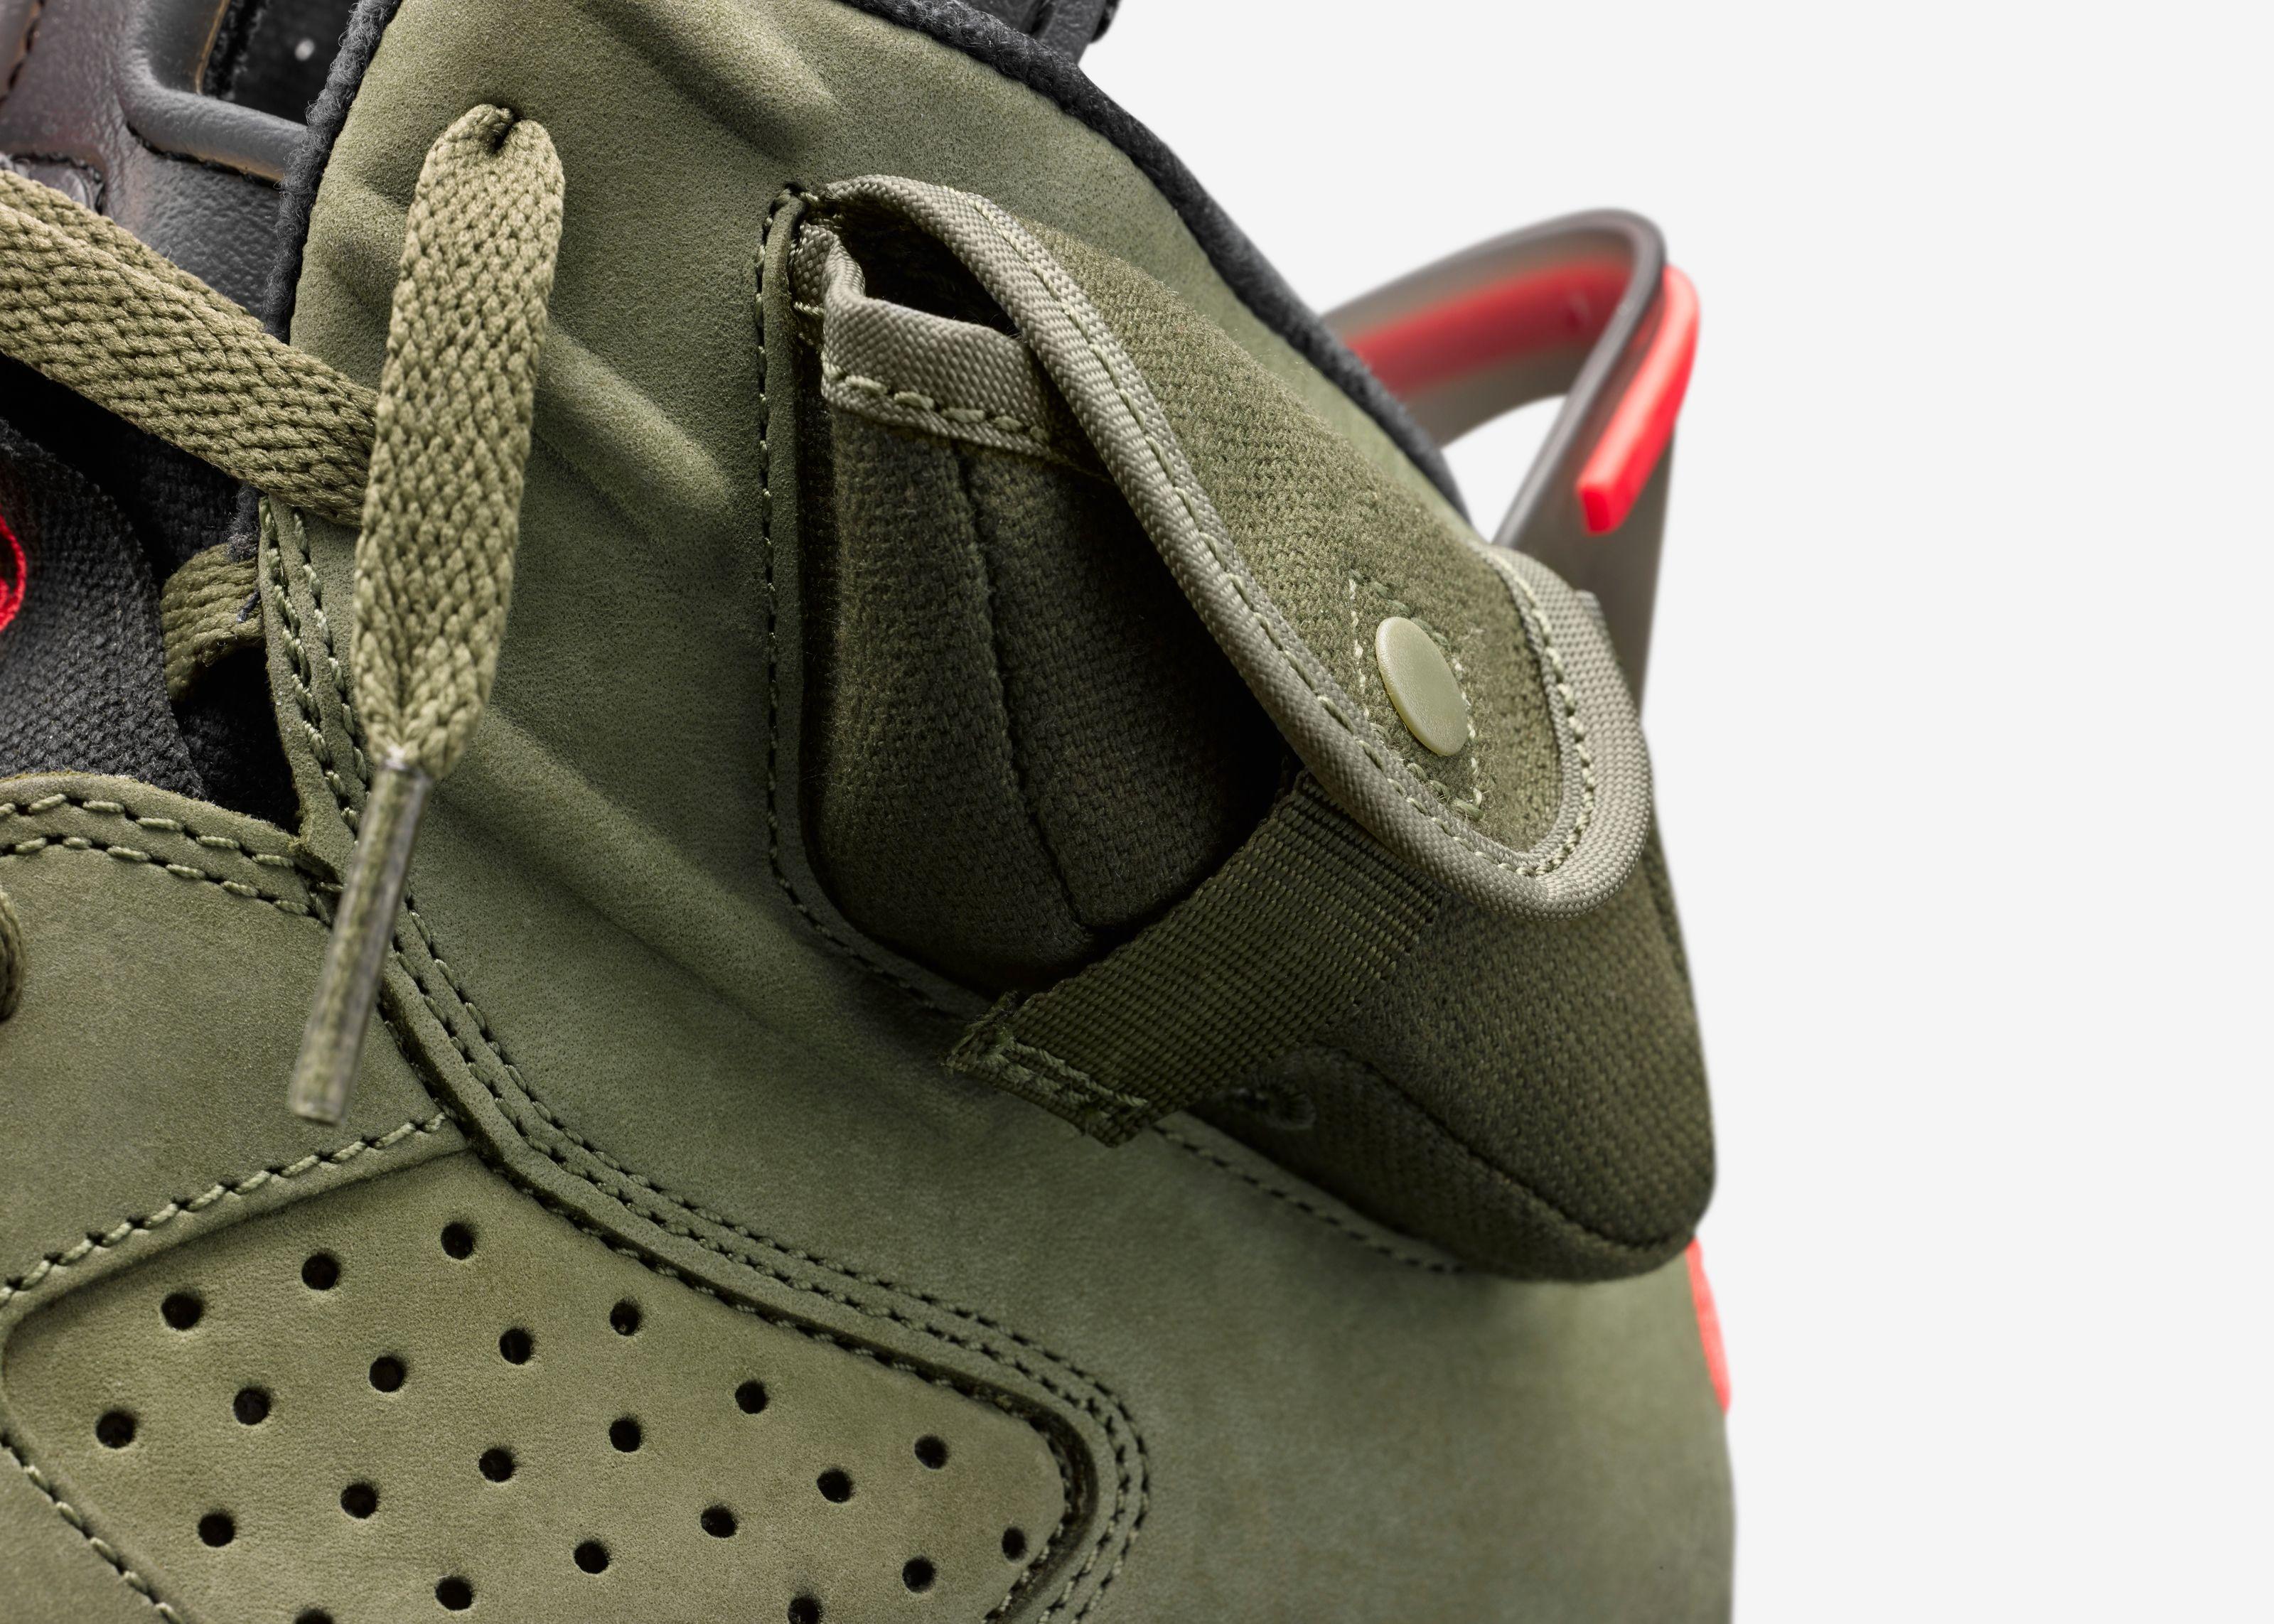 Travis Scott x Air Jordan 6 Olive